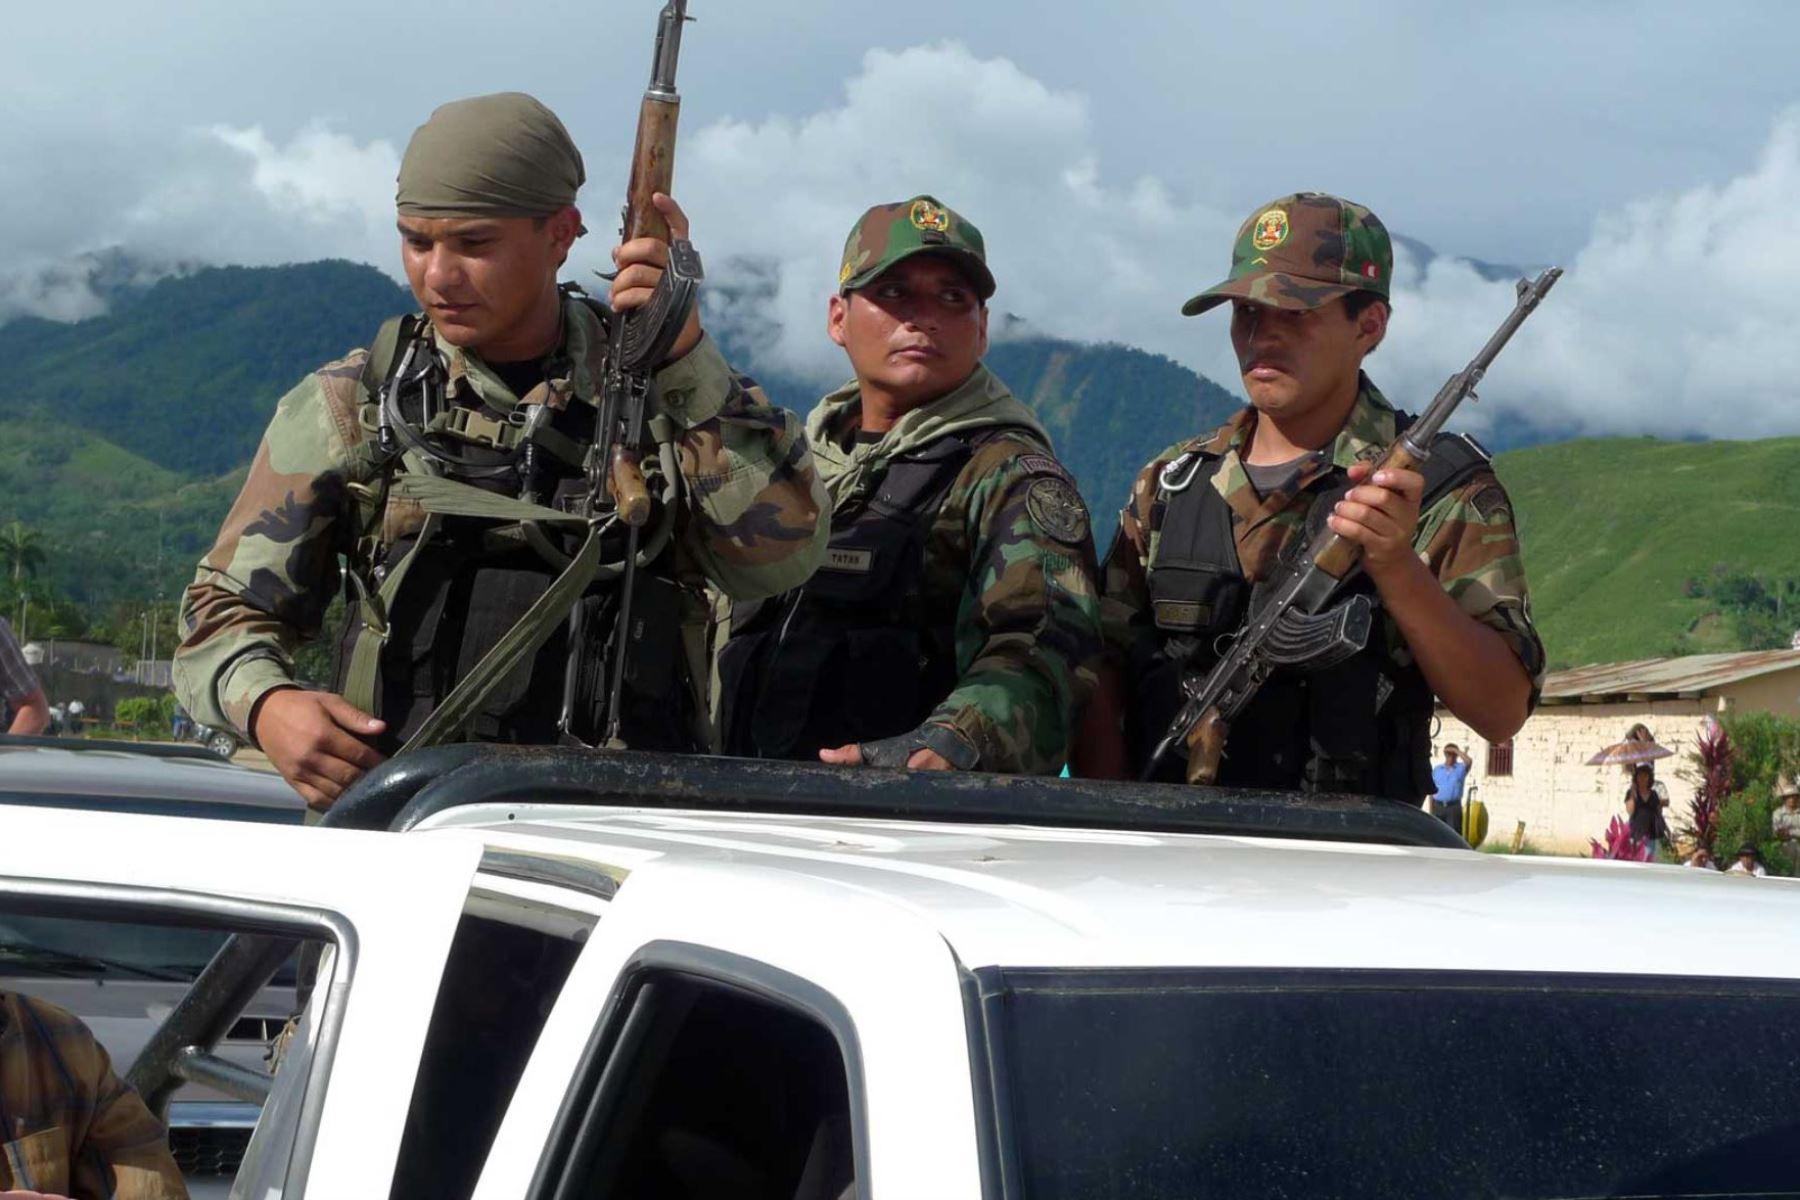 La Policía Nacional del Perú mantendrá el control del orden interno, con el apoyo de las Fuerzas Armadas. ANDINA